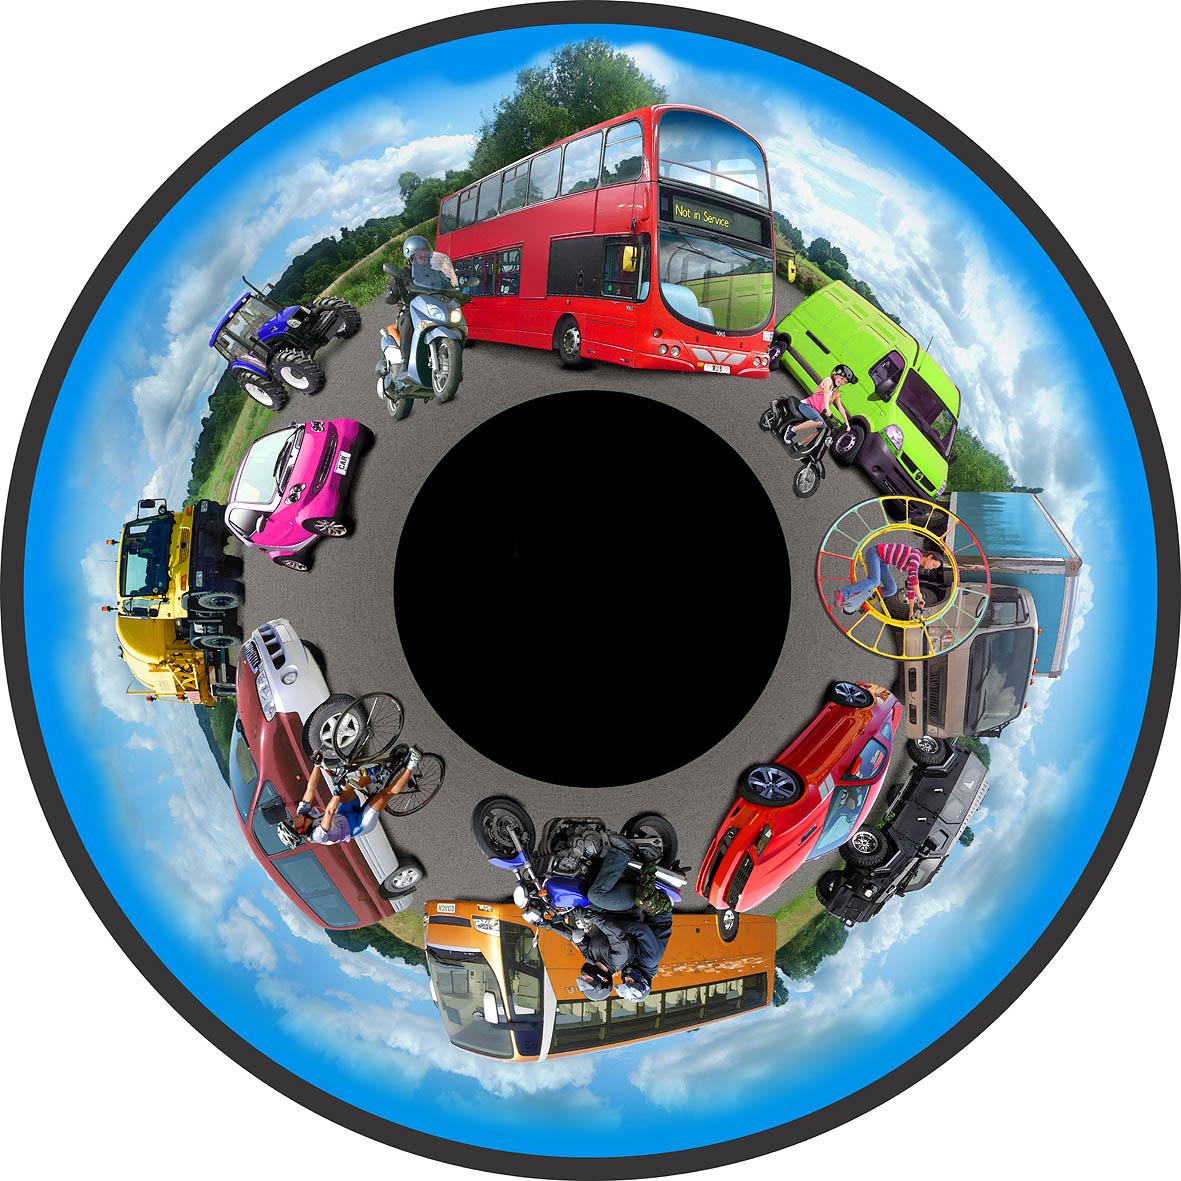 optikinetics-road-transport-fg7438.jpg